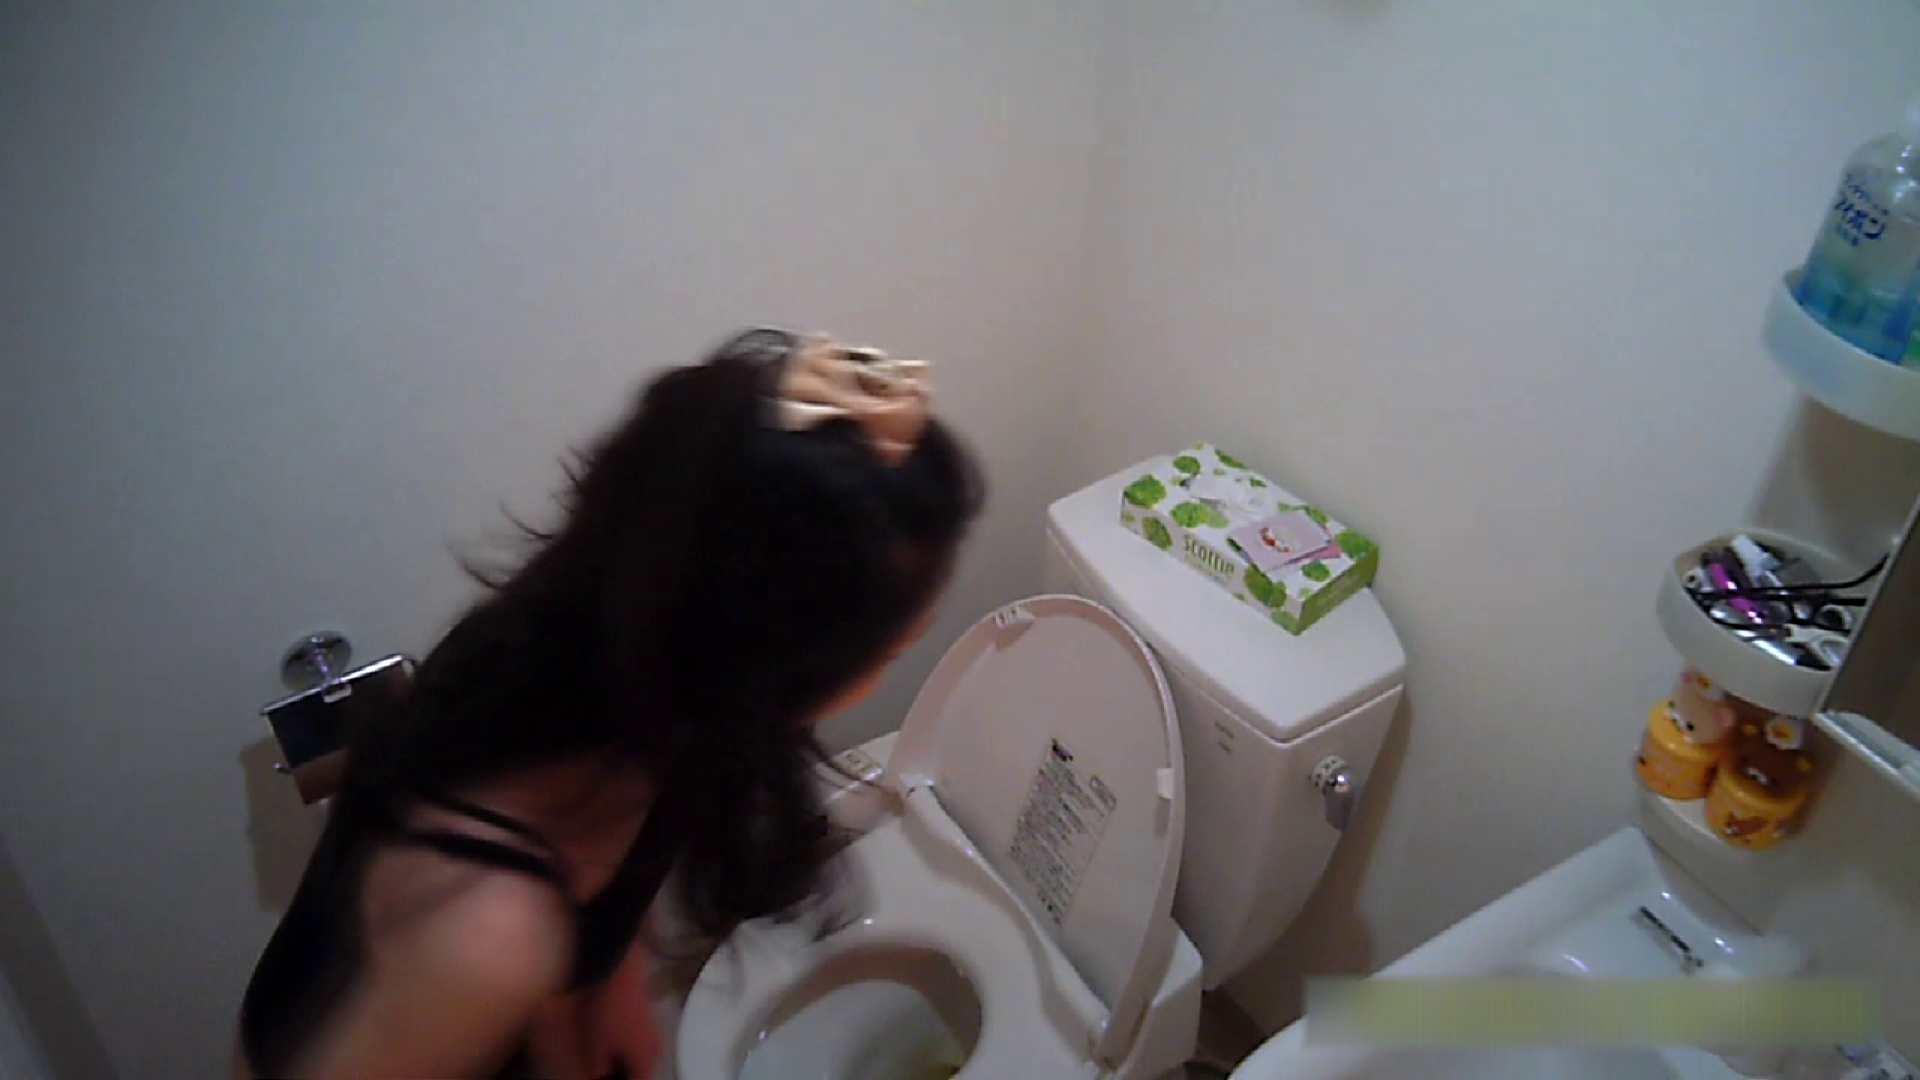 清楚な顔してかなり敏感なE子25歳(仮名)Vol.05 裸でトイレ編 シャワー室 スケベ動画紹介 105画像 68